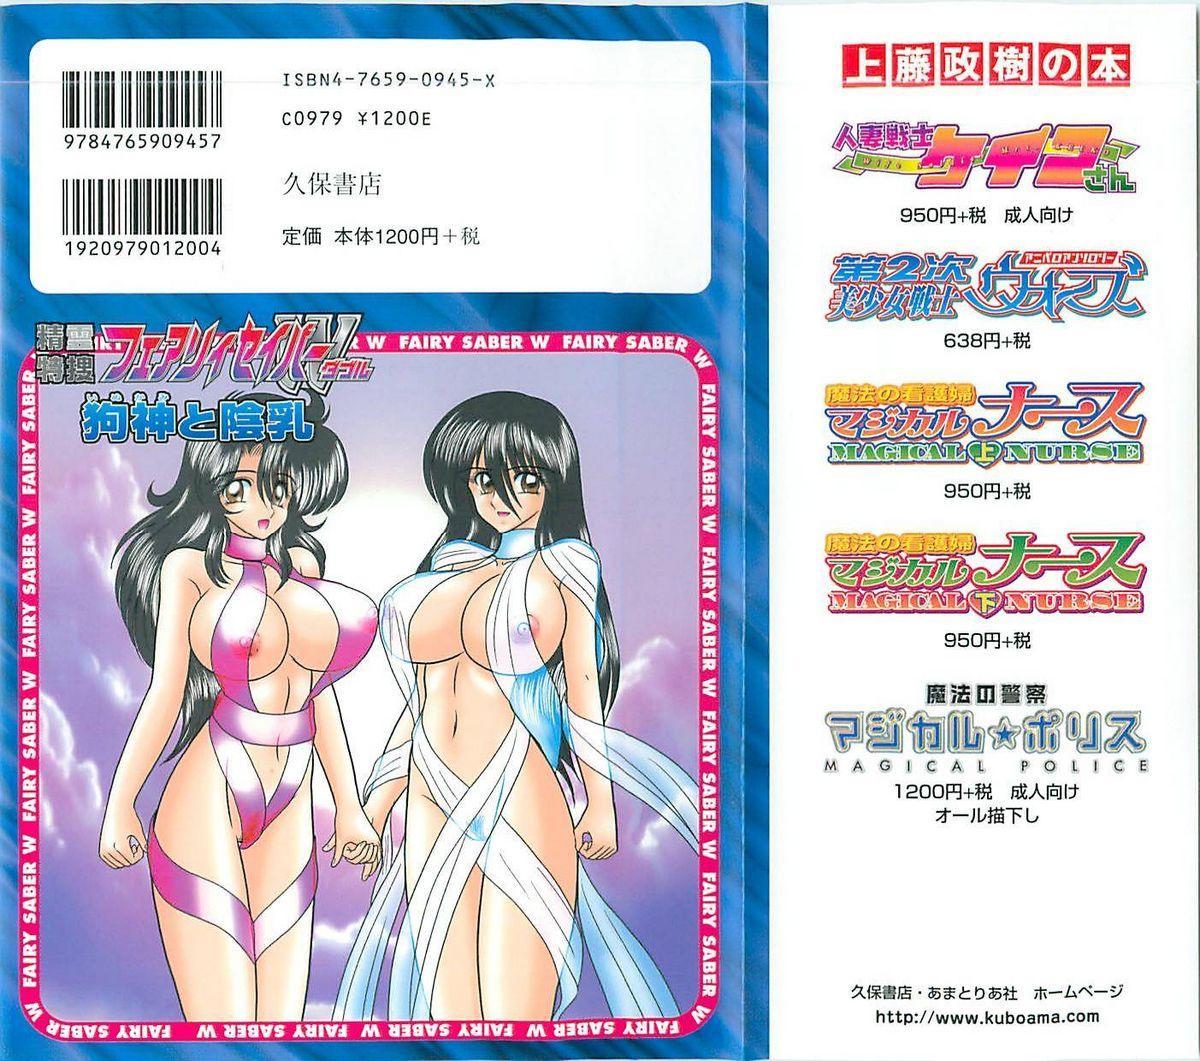 Seirei Tokusou Fairy Saber W Inukami to Innyuu 1